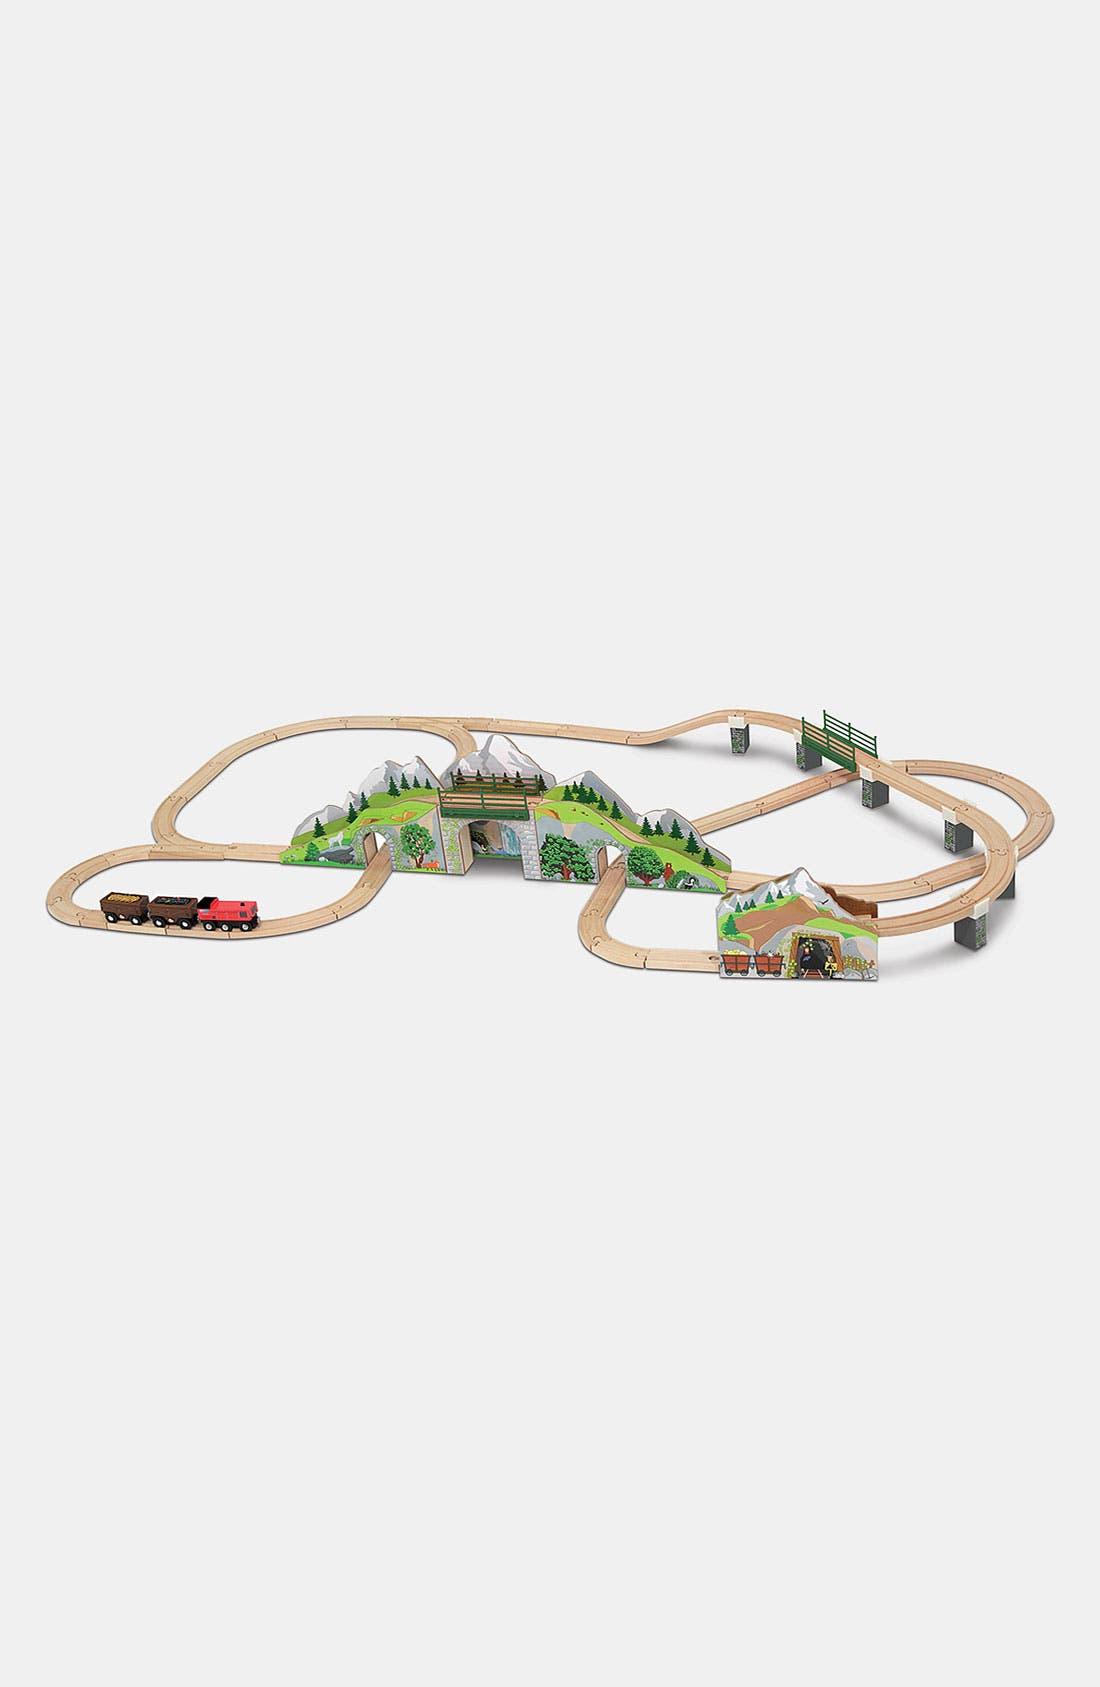 Main Image - Melissa & Doug 'Mountain Tunnel' Wooden Train Toy